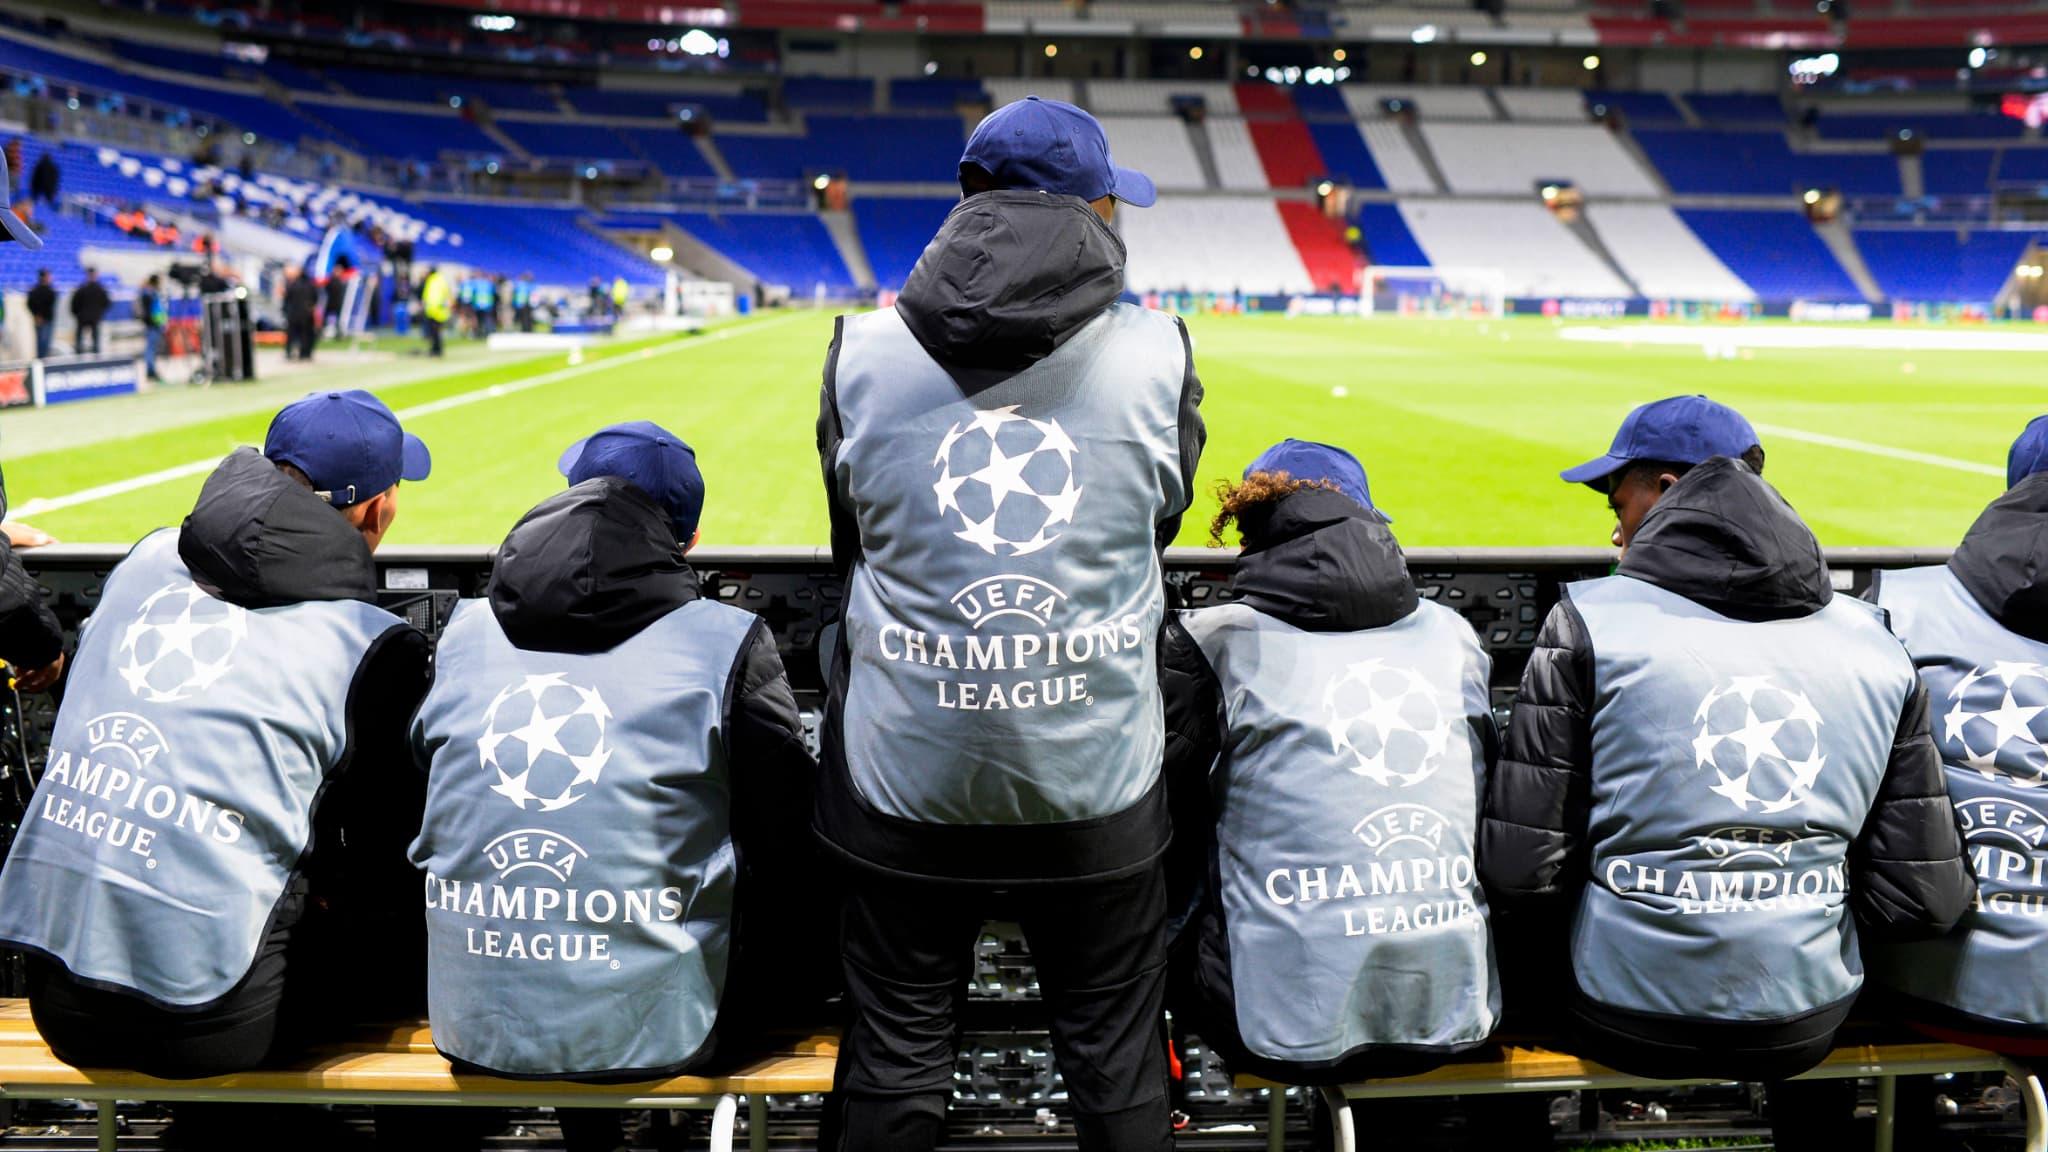 Ligue des champions: la Ligue 1 pourrait avoir un 4e club qualifié à partir de 2024 - RMC Sport